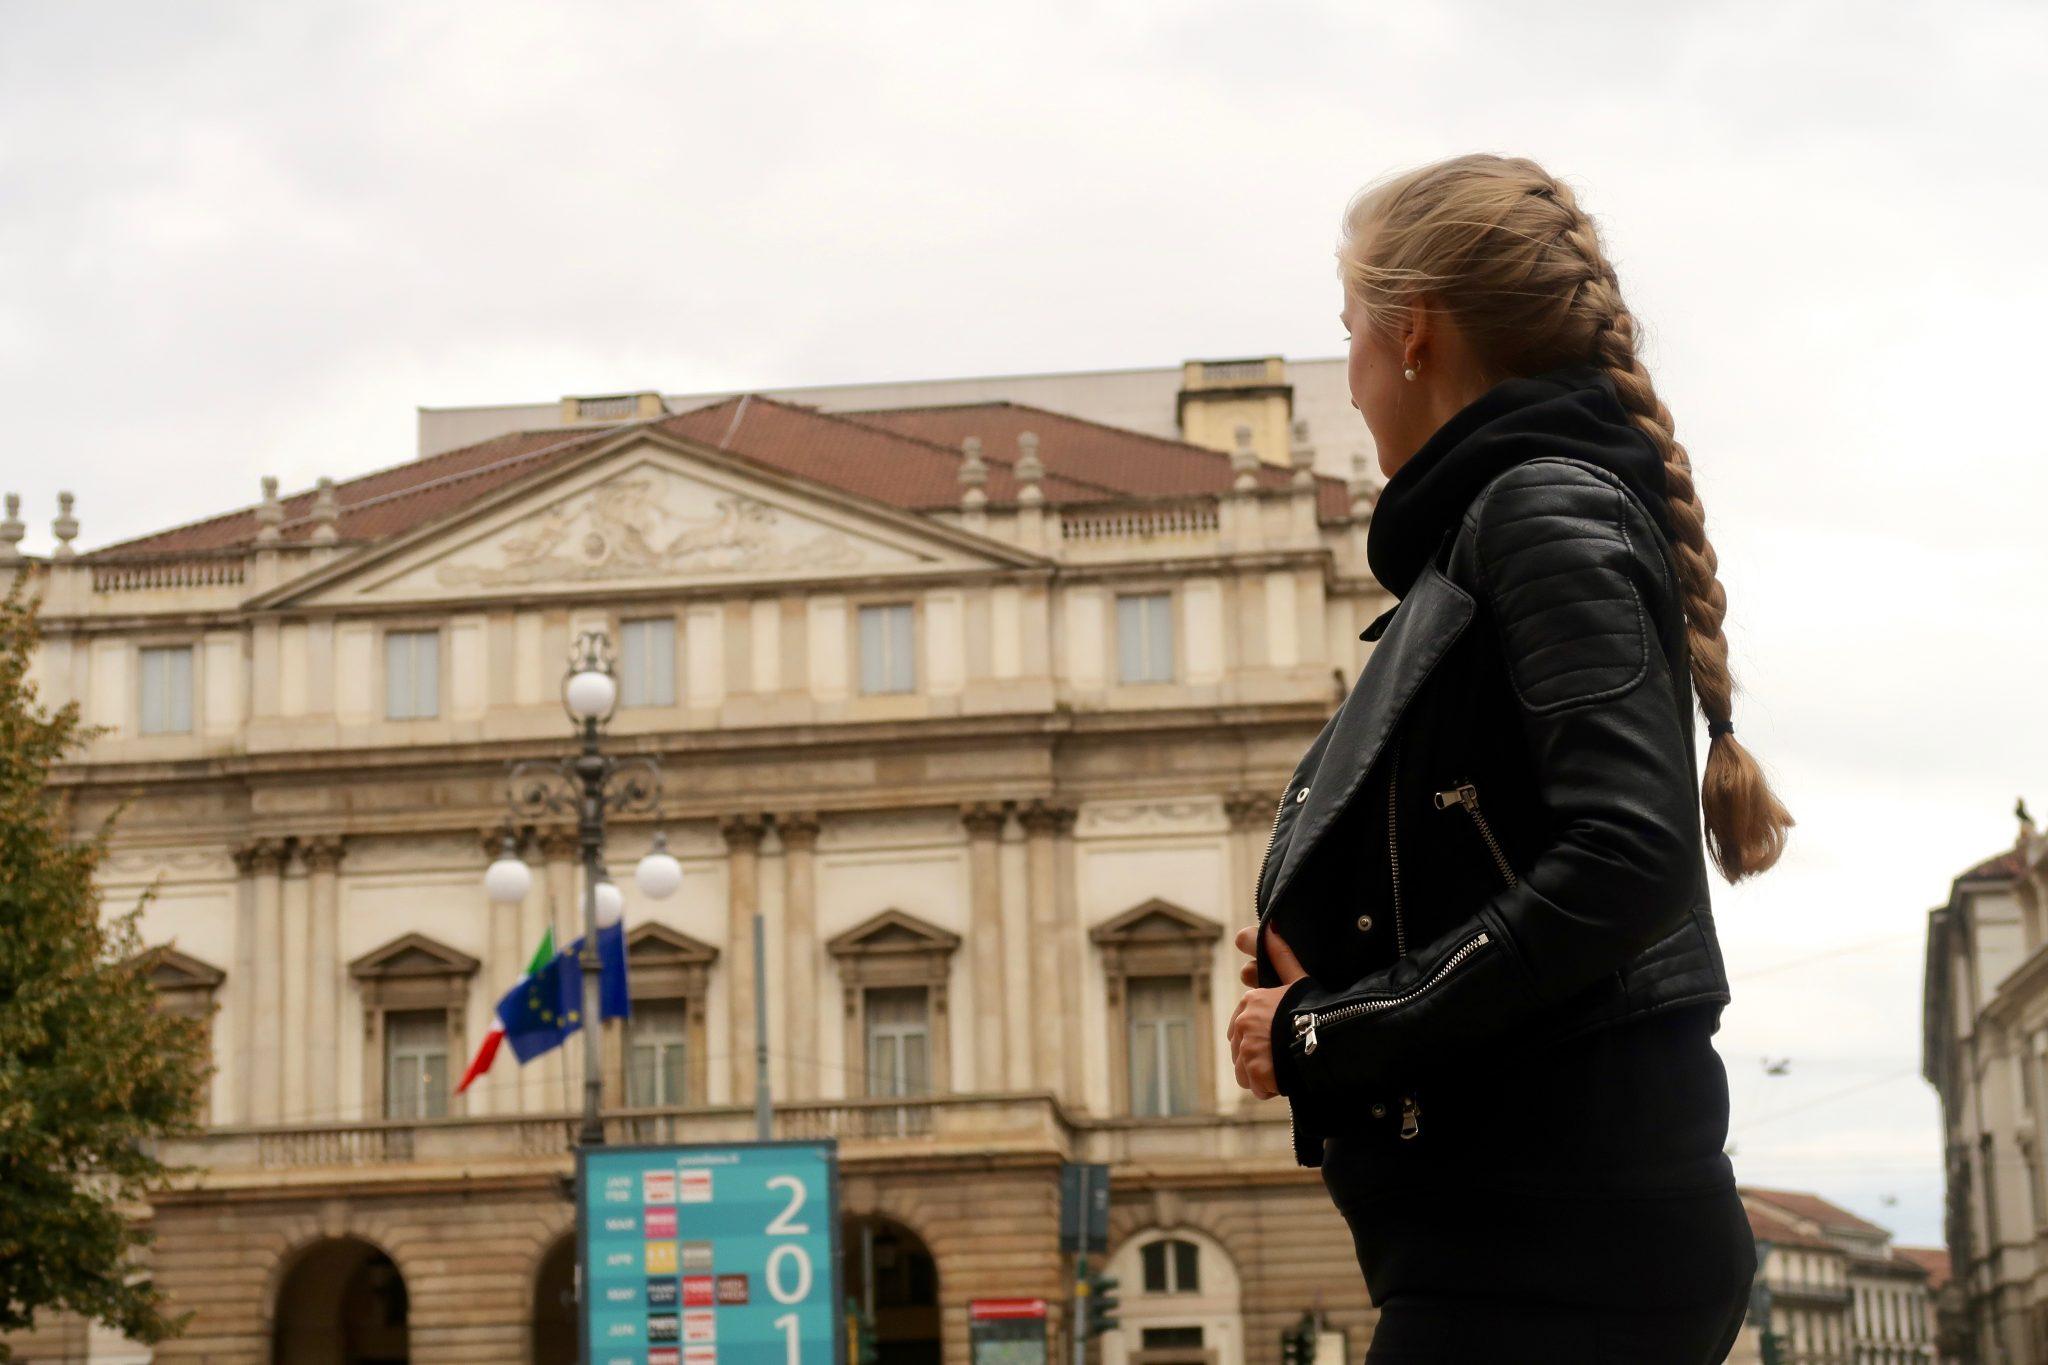 Mailand: Teatro alla Scala (eines der bekanntesten und bedeutendsten Opernhäuser der Welt)